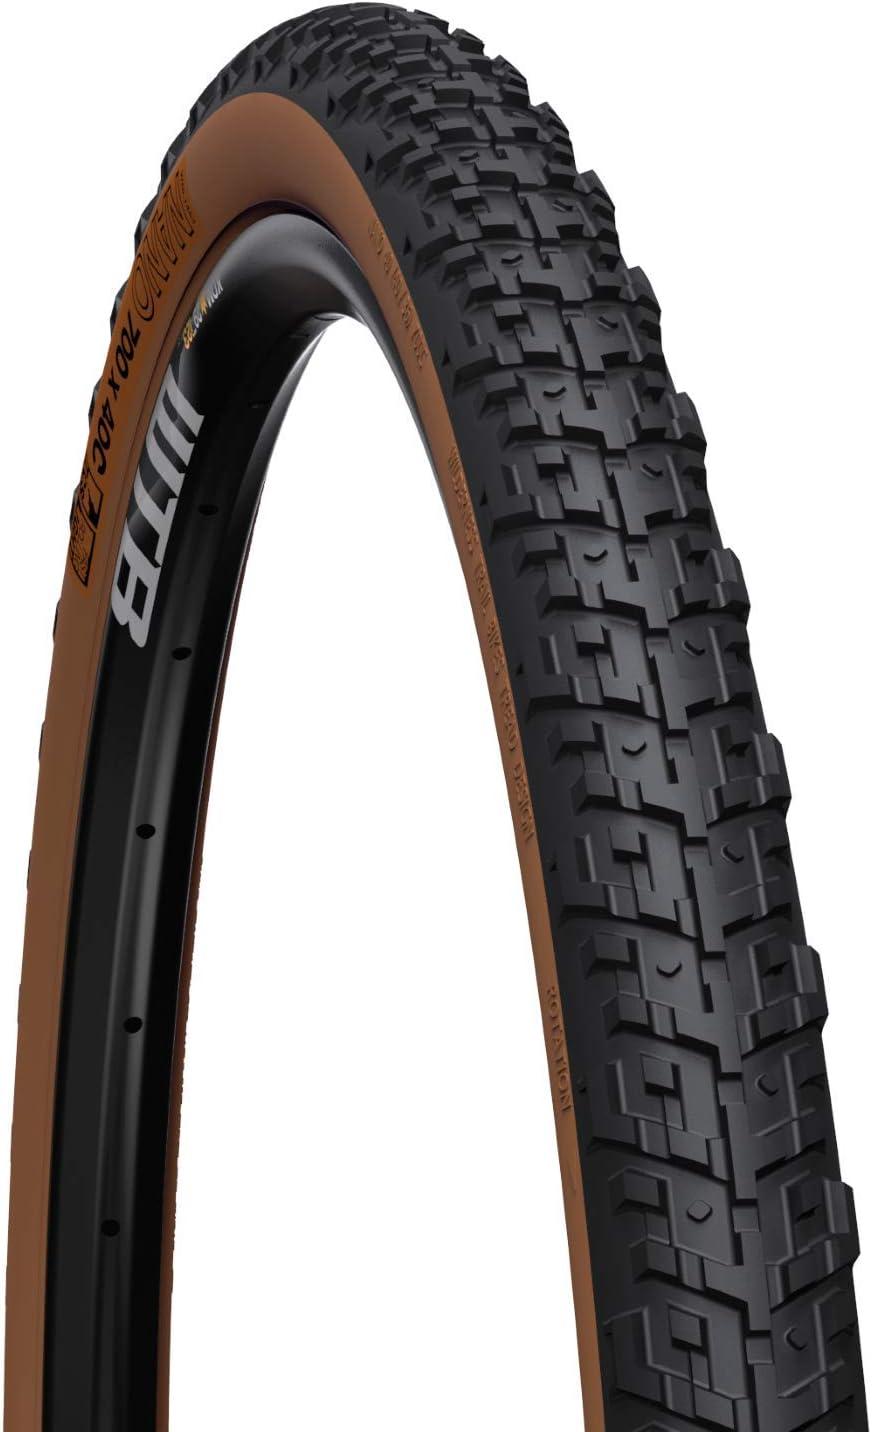 WTB Nano 700 x 40c TCS Light Fast Roll Tire (tan sidewall)